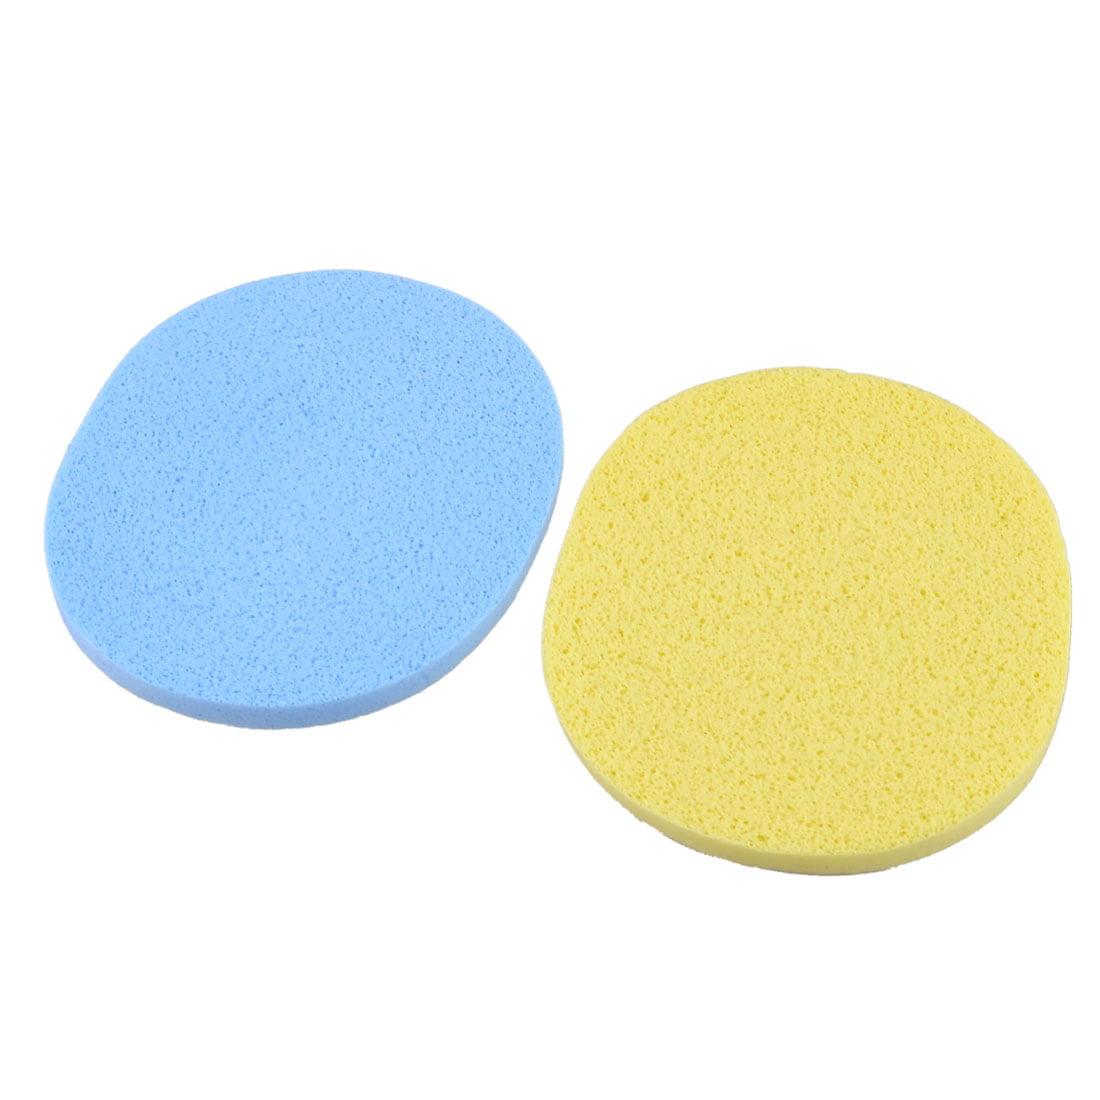 Unique Bargains 2 Pcs Oval Shaped Sponge Cleaning Powder